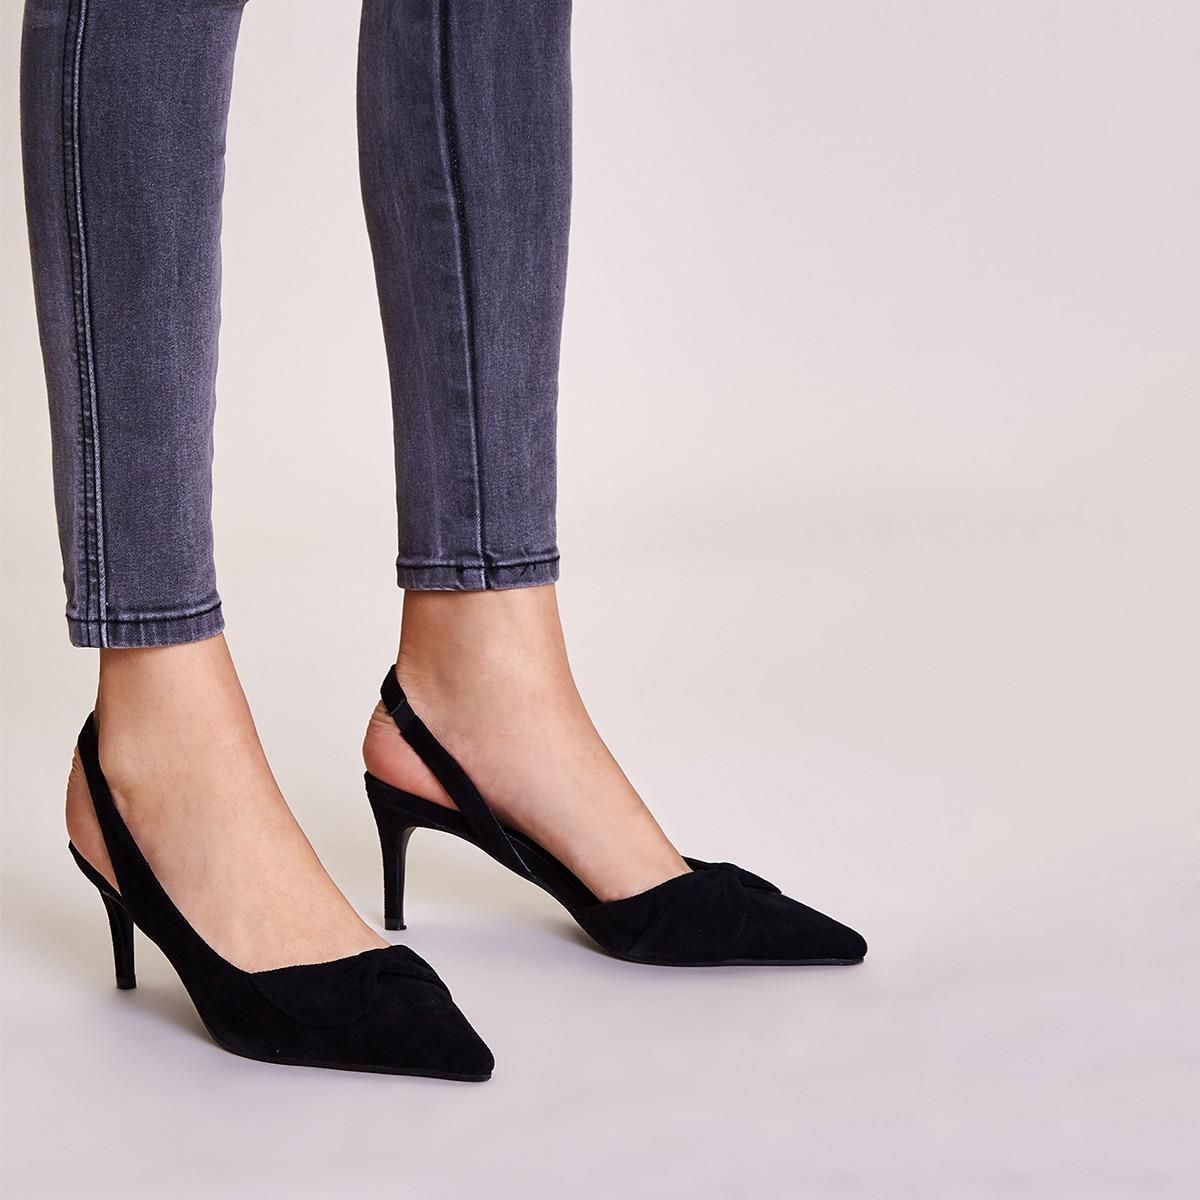 Остроконечные туфли на шпильках с открытой пяткой фото